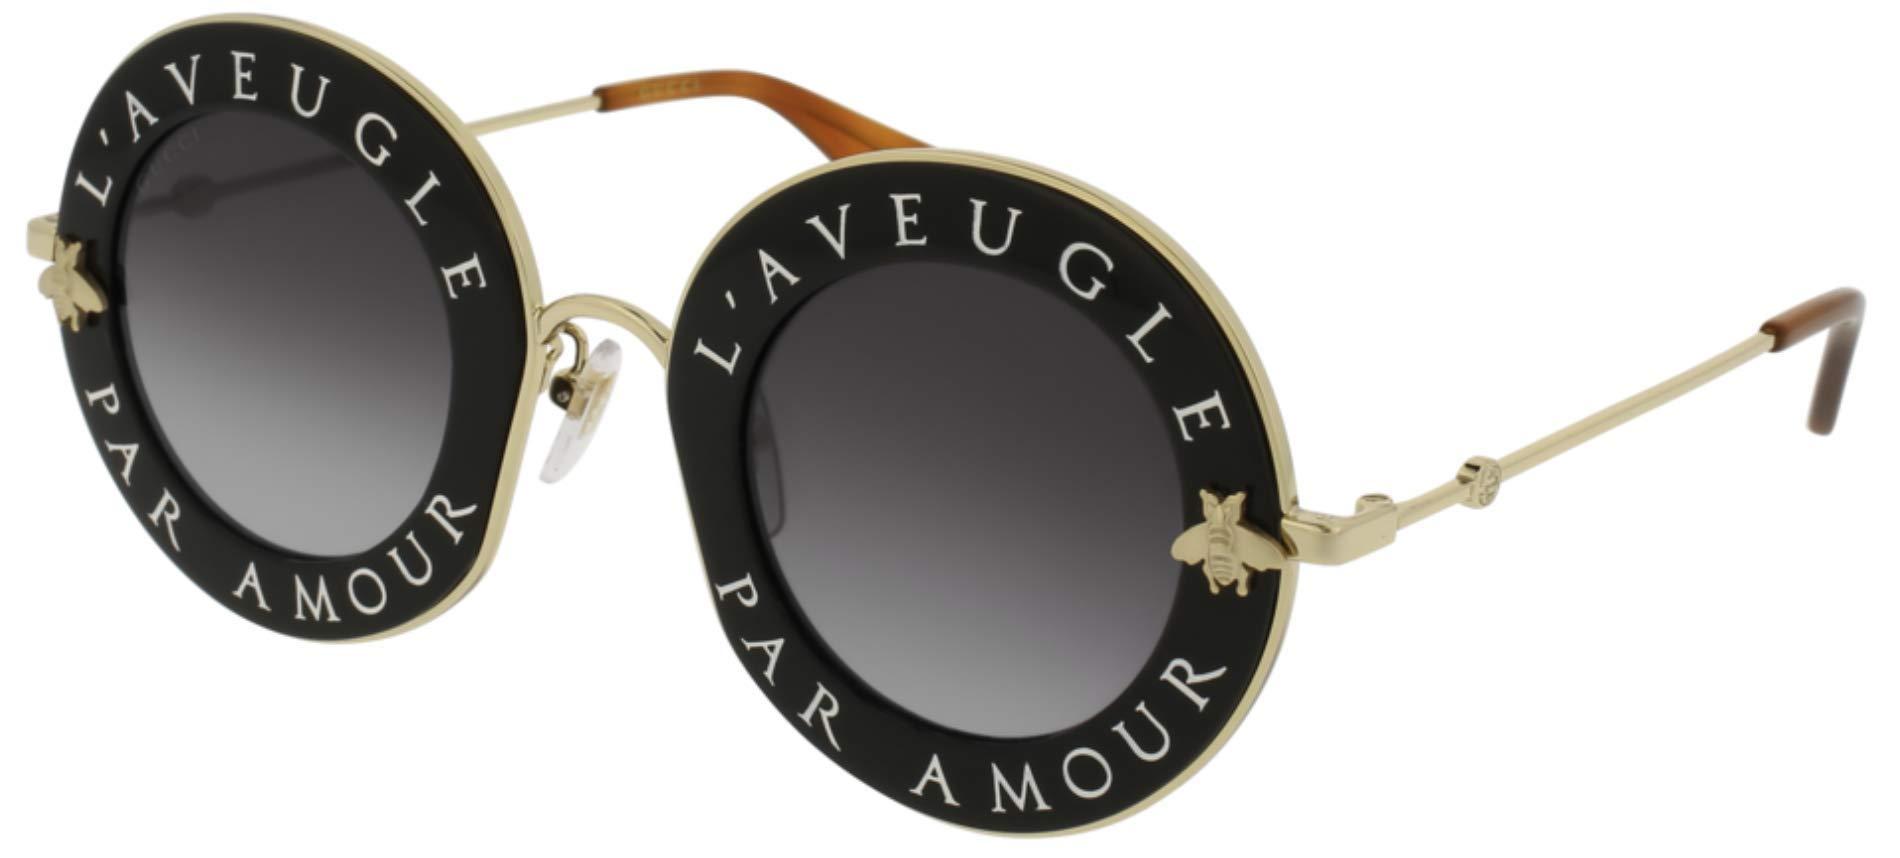 Sunglasses Gucci GG 0113 S- 001 BLACK / GREY GOLD by Gucci